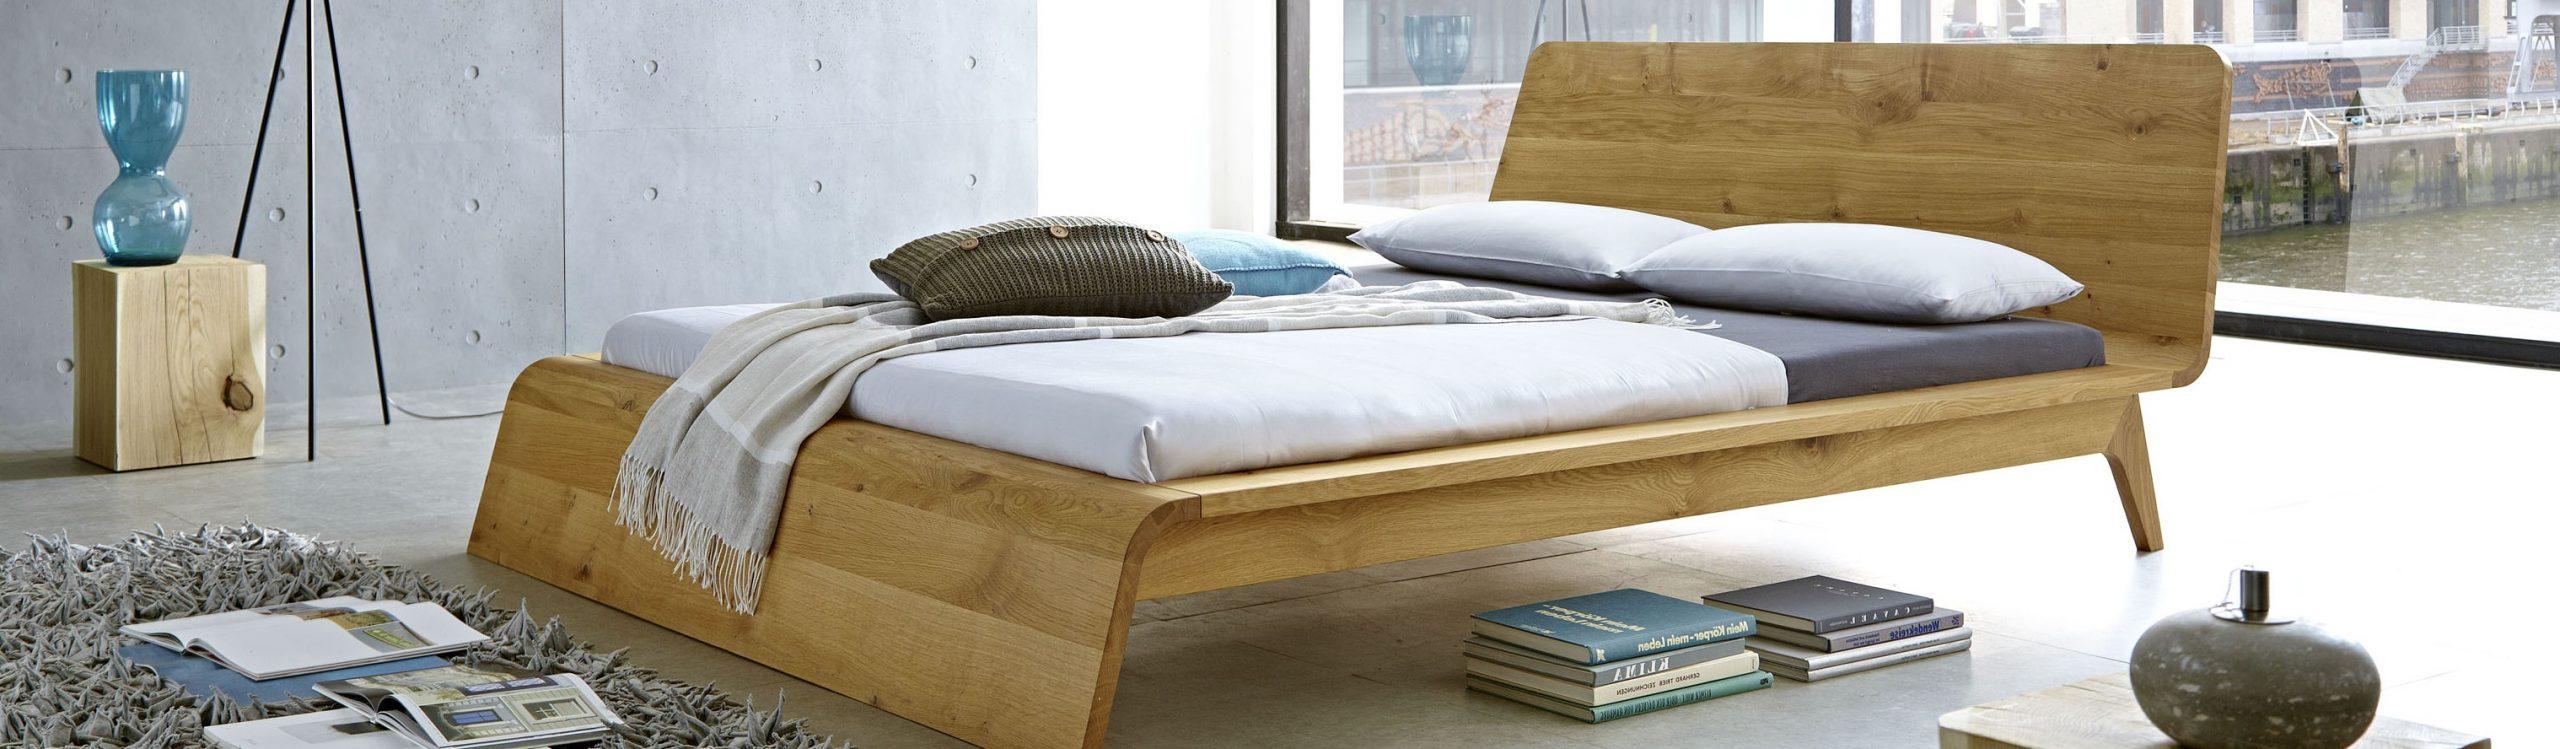 Full Size of Betten Berlin 2020 In Kaufen Bei Traumkonzept Innovation Sofa Für Teenager Nolte Xxl 180x200 Günstige Hülsta Schlafzimmer Schöne Mit Aufbewahrung Hamburg Bett Betten Berlin